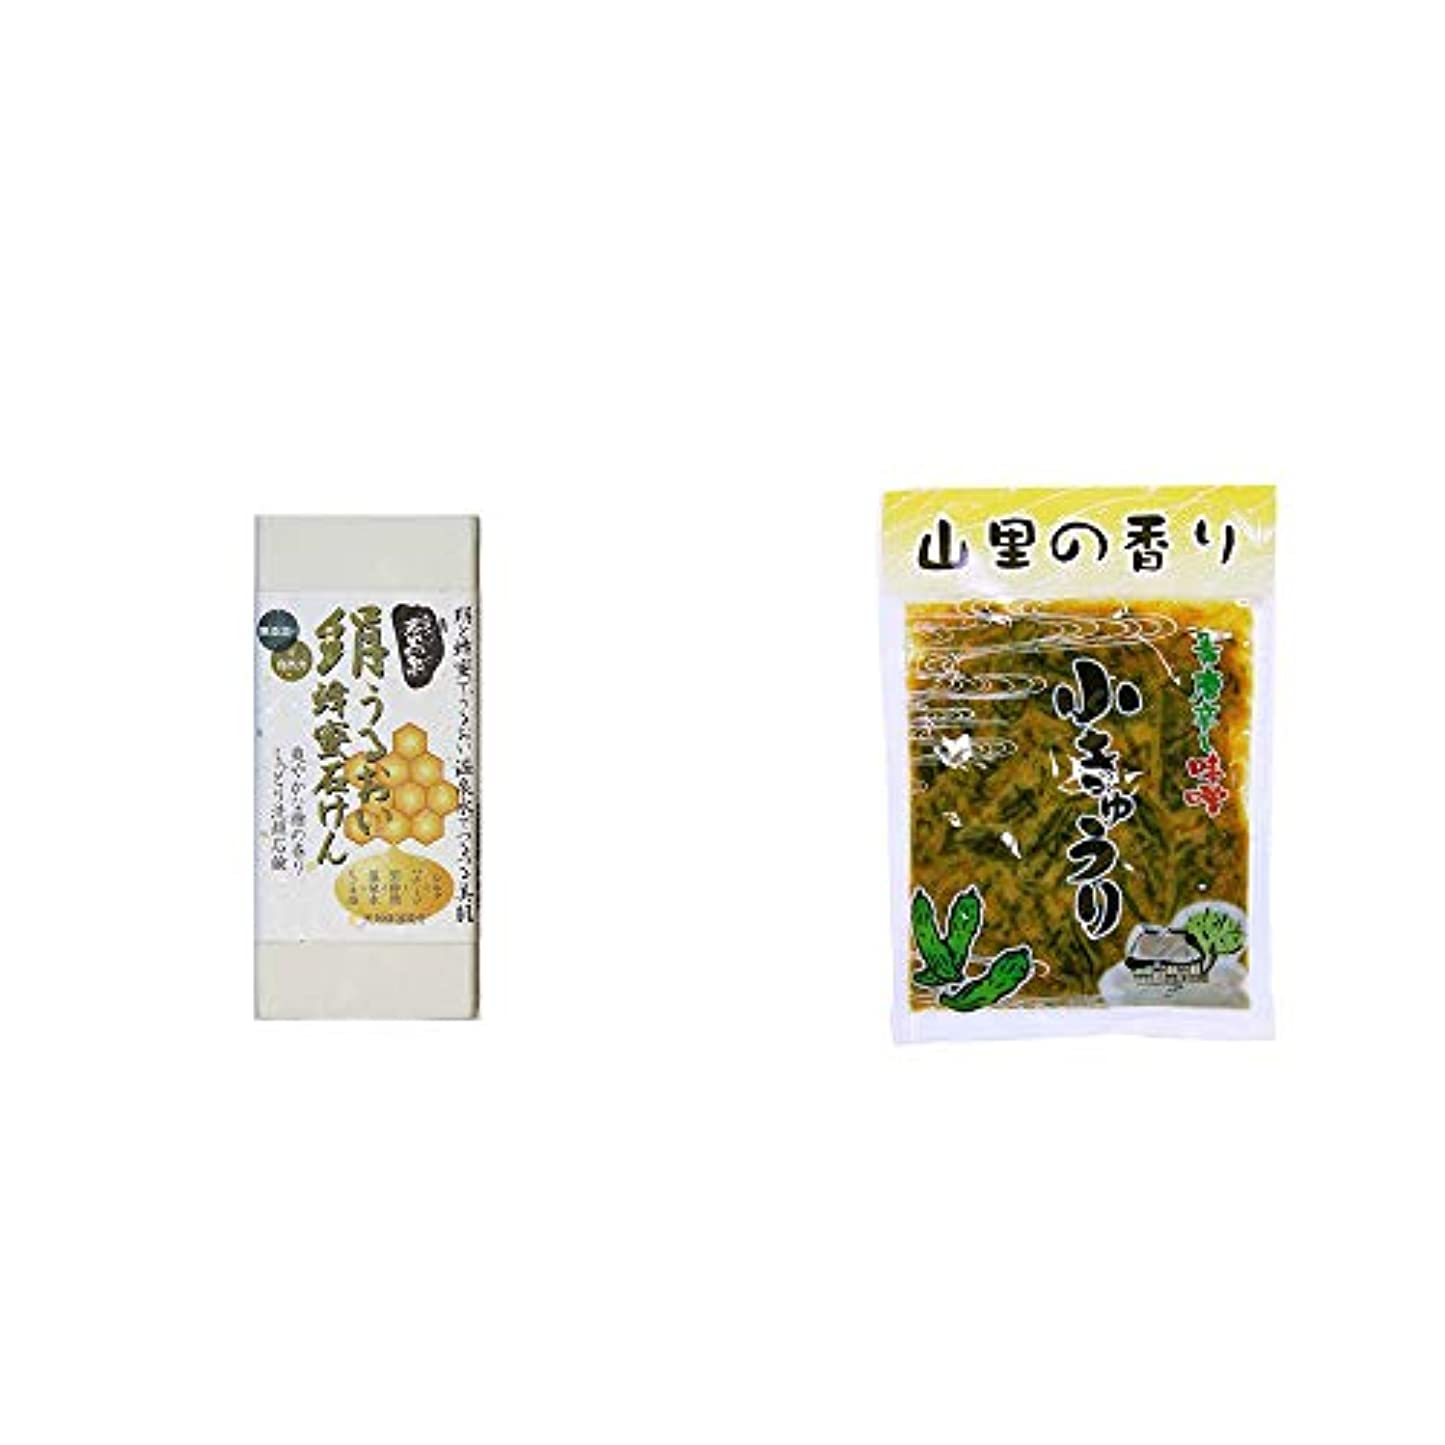 地元スタンド家庭[2点セット] ひのき炭黒泉 絹うるおい蜂蜜石けん(75g×2)?山里の香り 青唐辛し味噌 小きゅうり(250g)